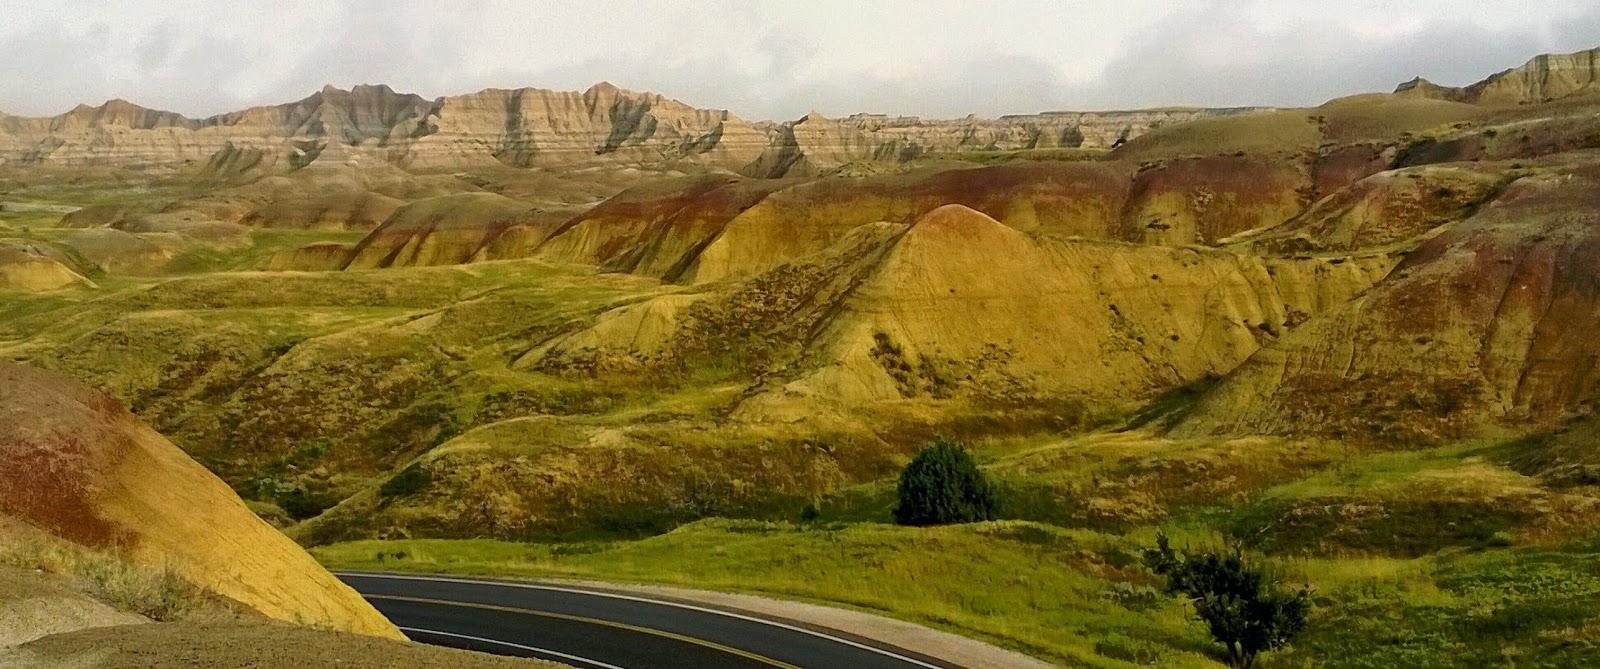 yellow mounds overlook, badlands